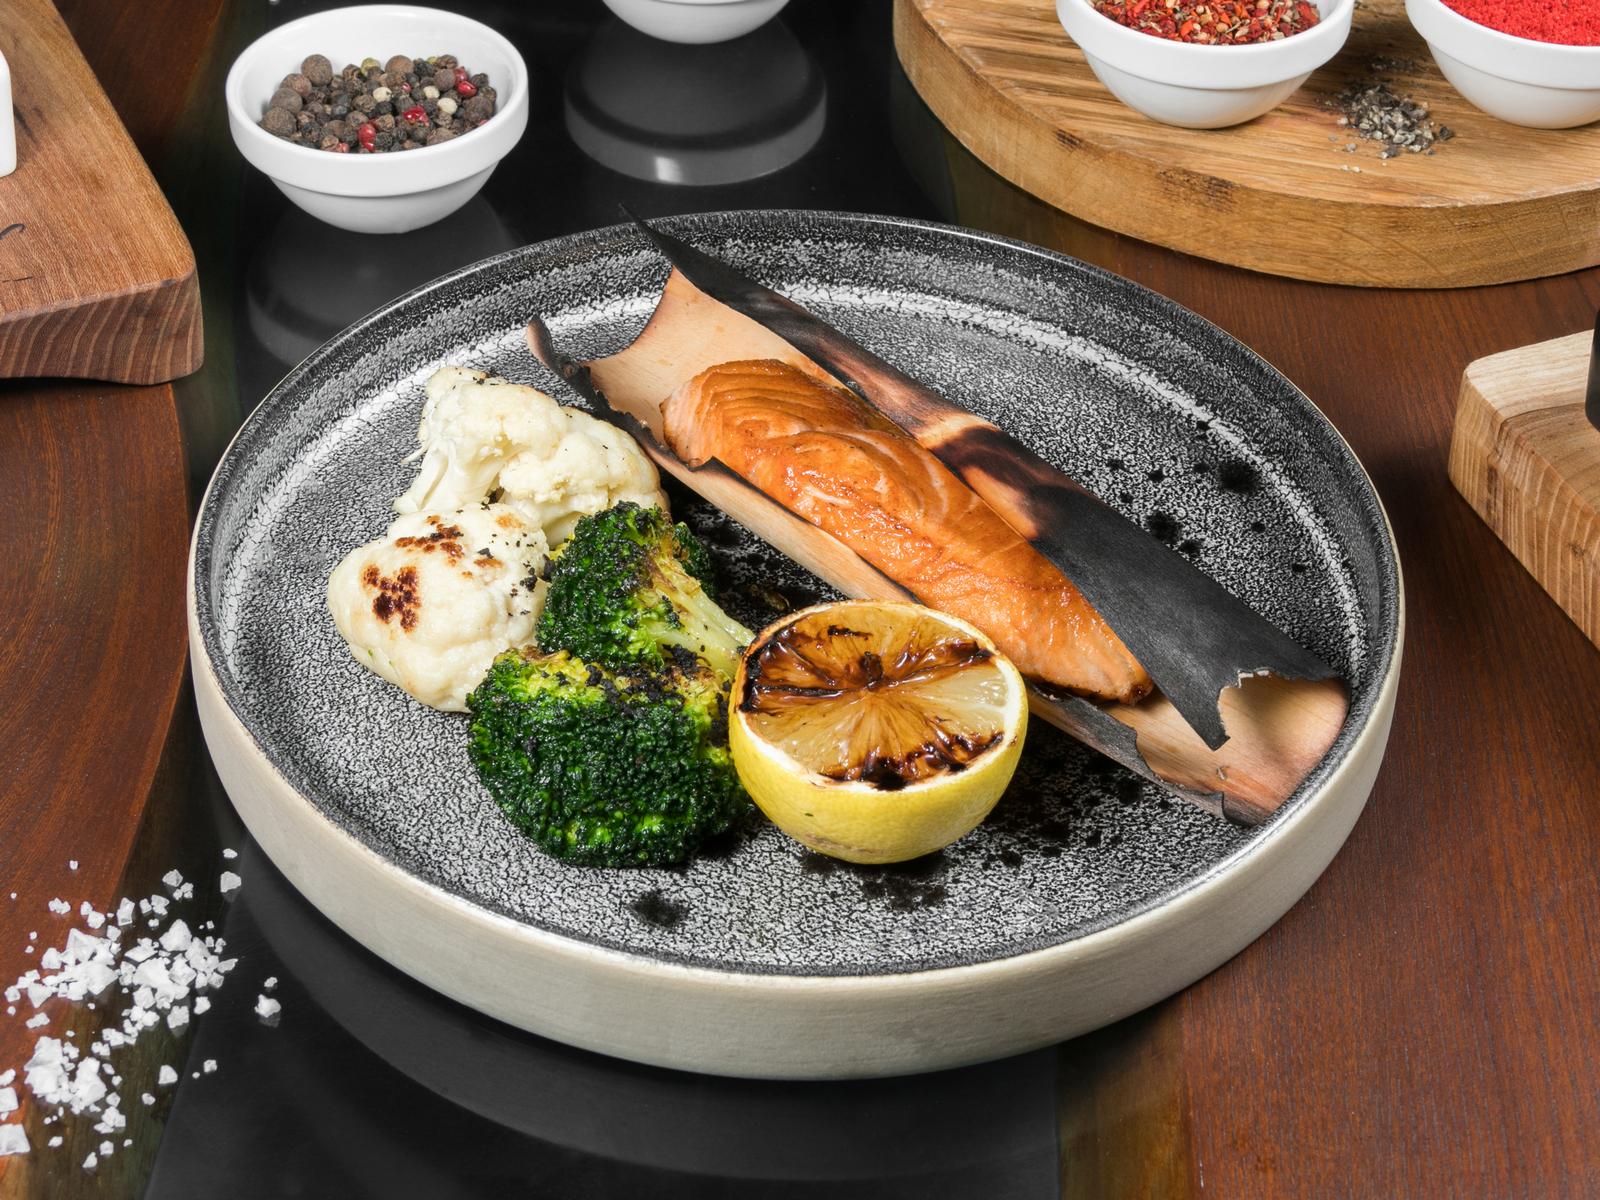 Норвежский лосось в ольховой бумаге с брокколи и печеным лимоном